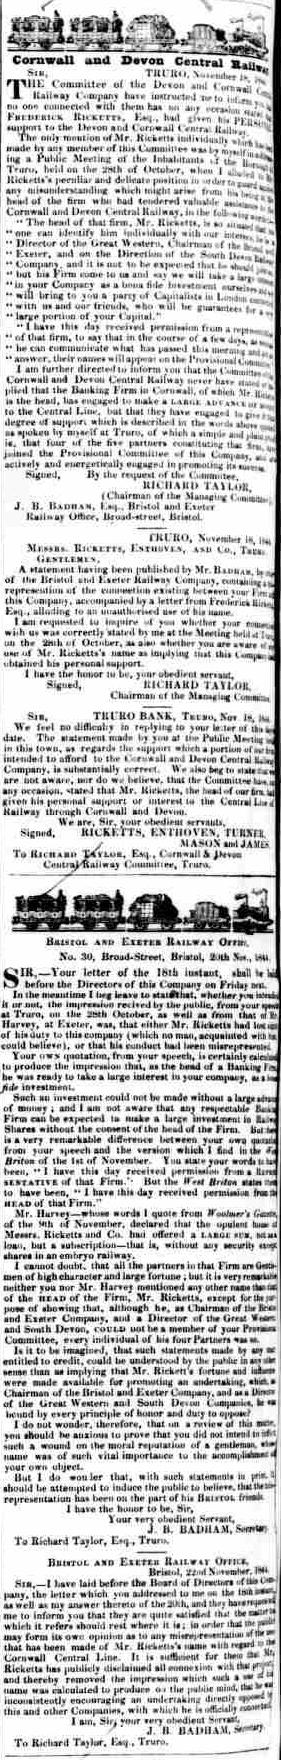 23 November 1844